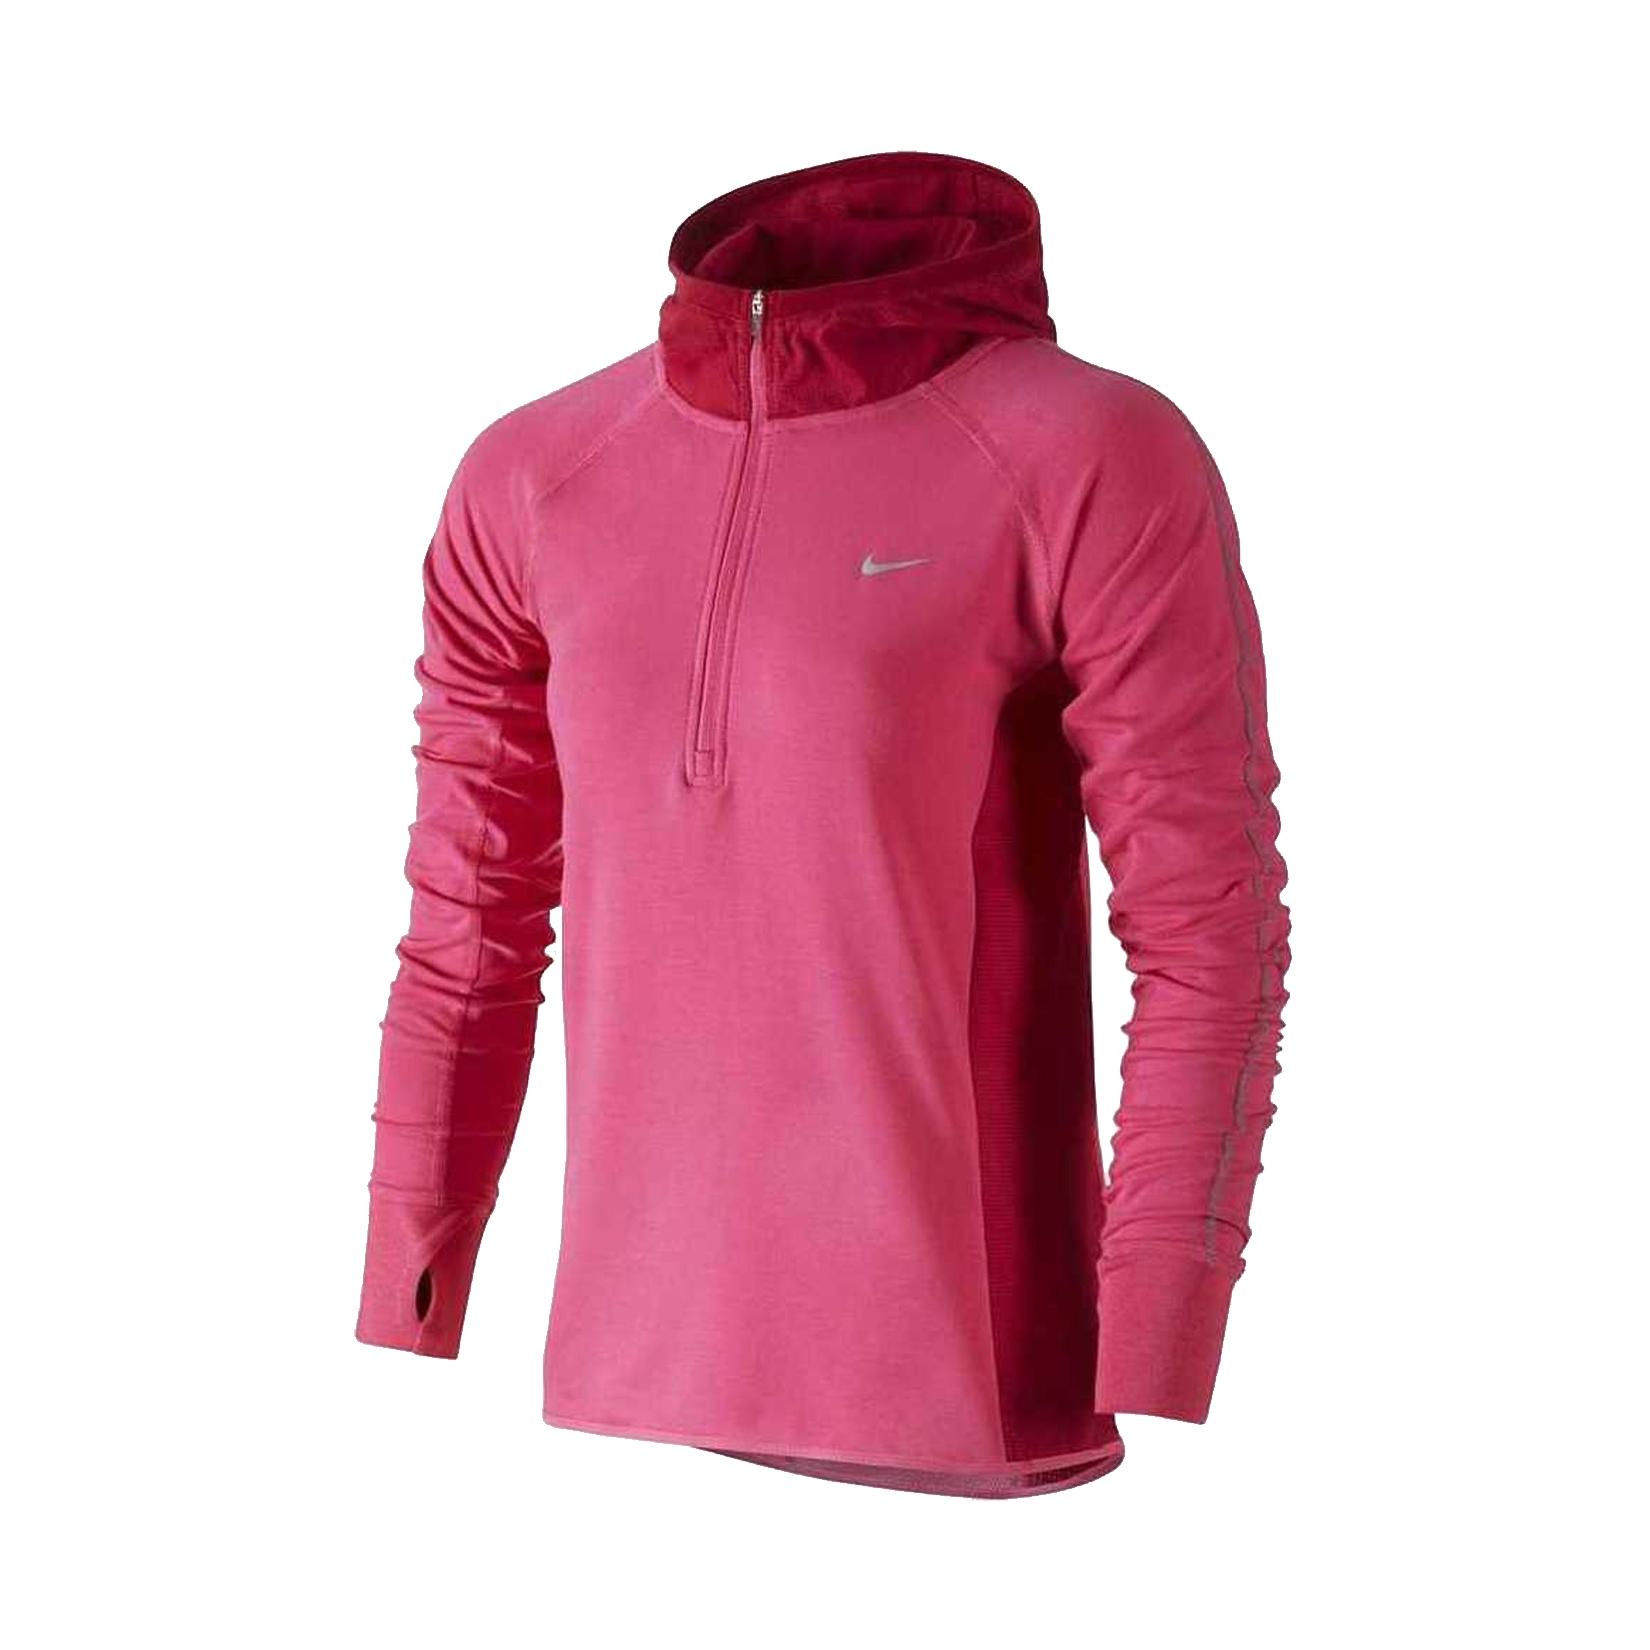 Nike Dry Fit Sprint Half-Zip Pink